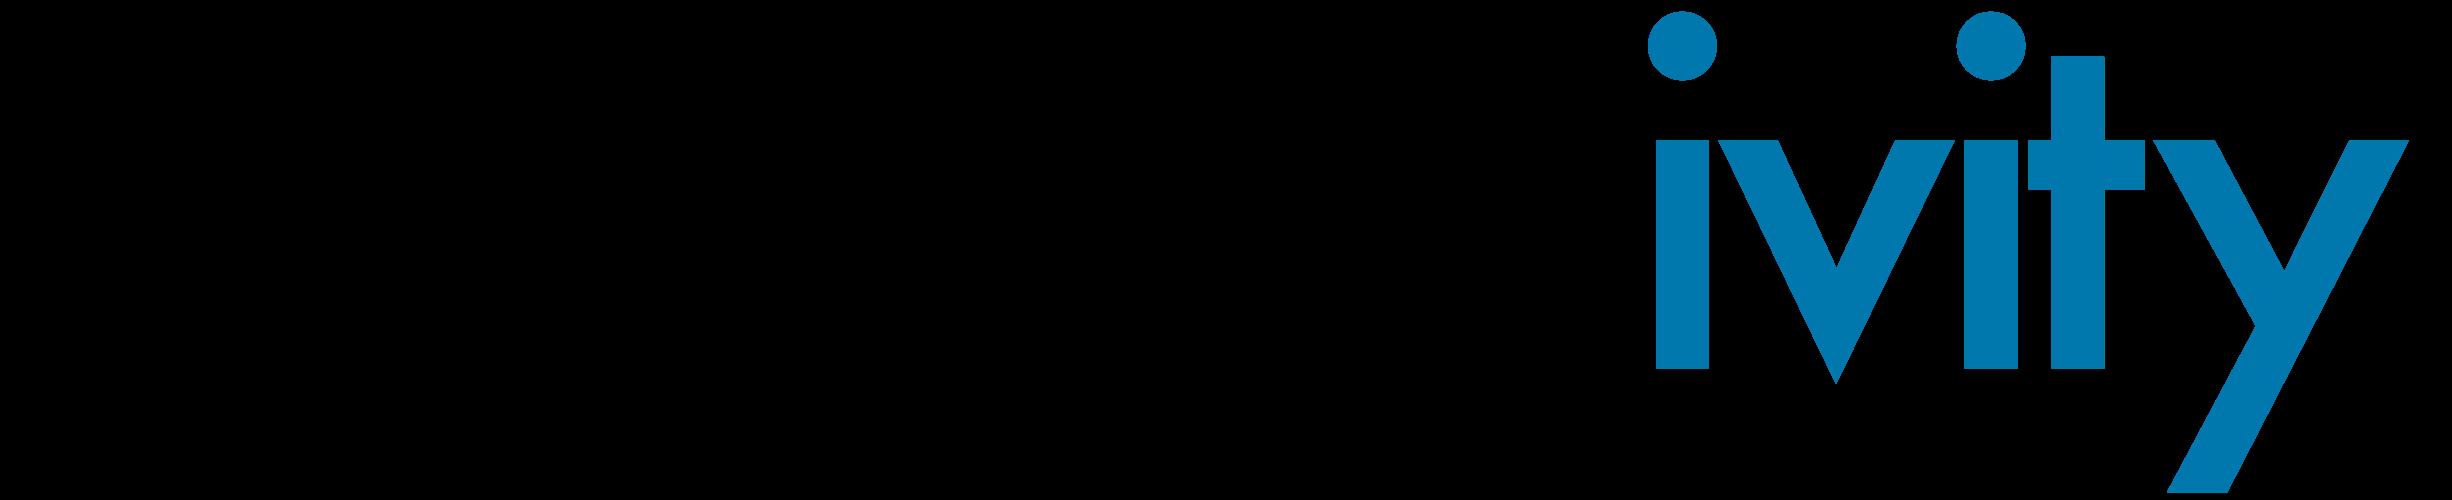 LOGO ICONNECTIVITY